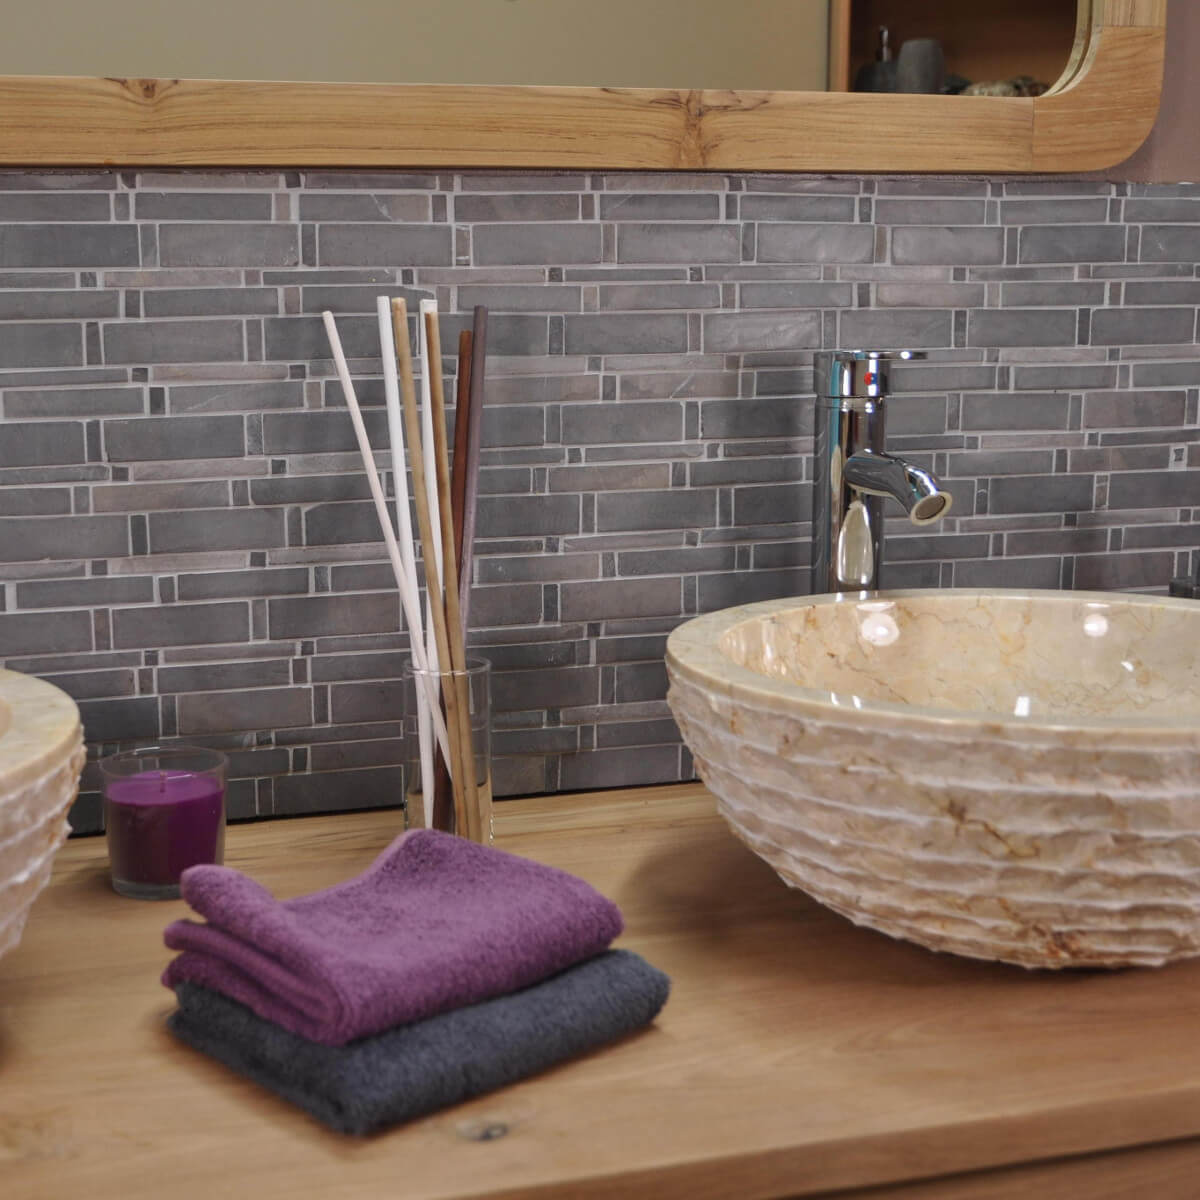 Parement mosa que en marbre naturel gris for Mosaique marbre salle de bain